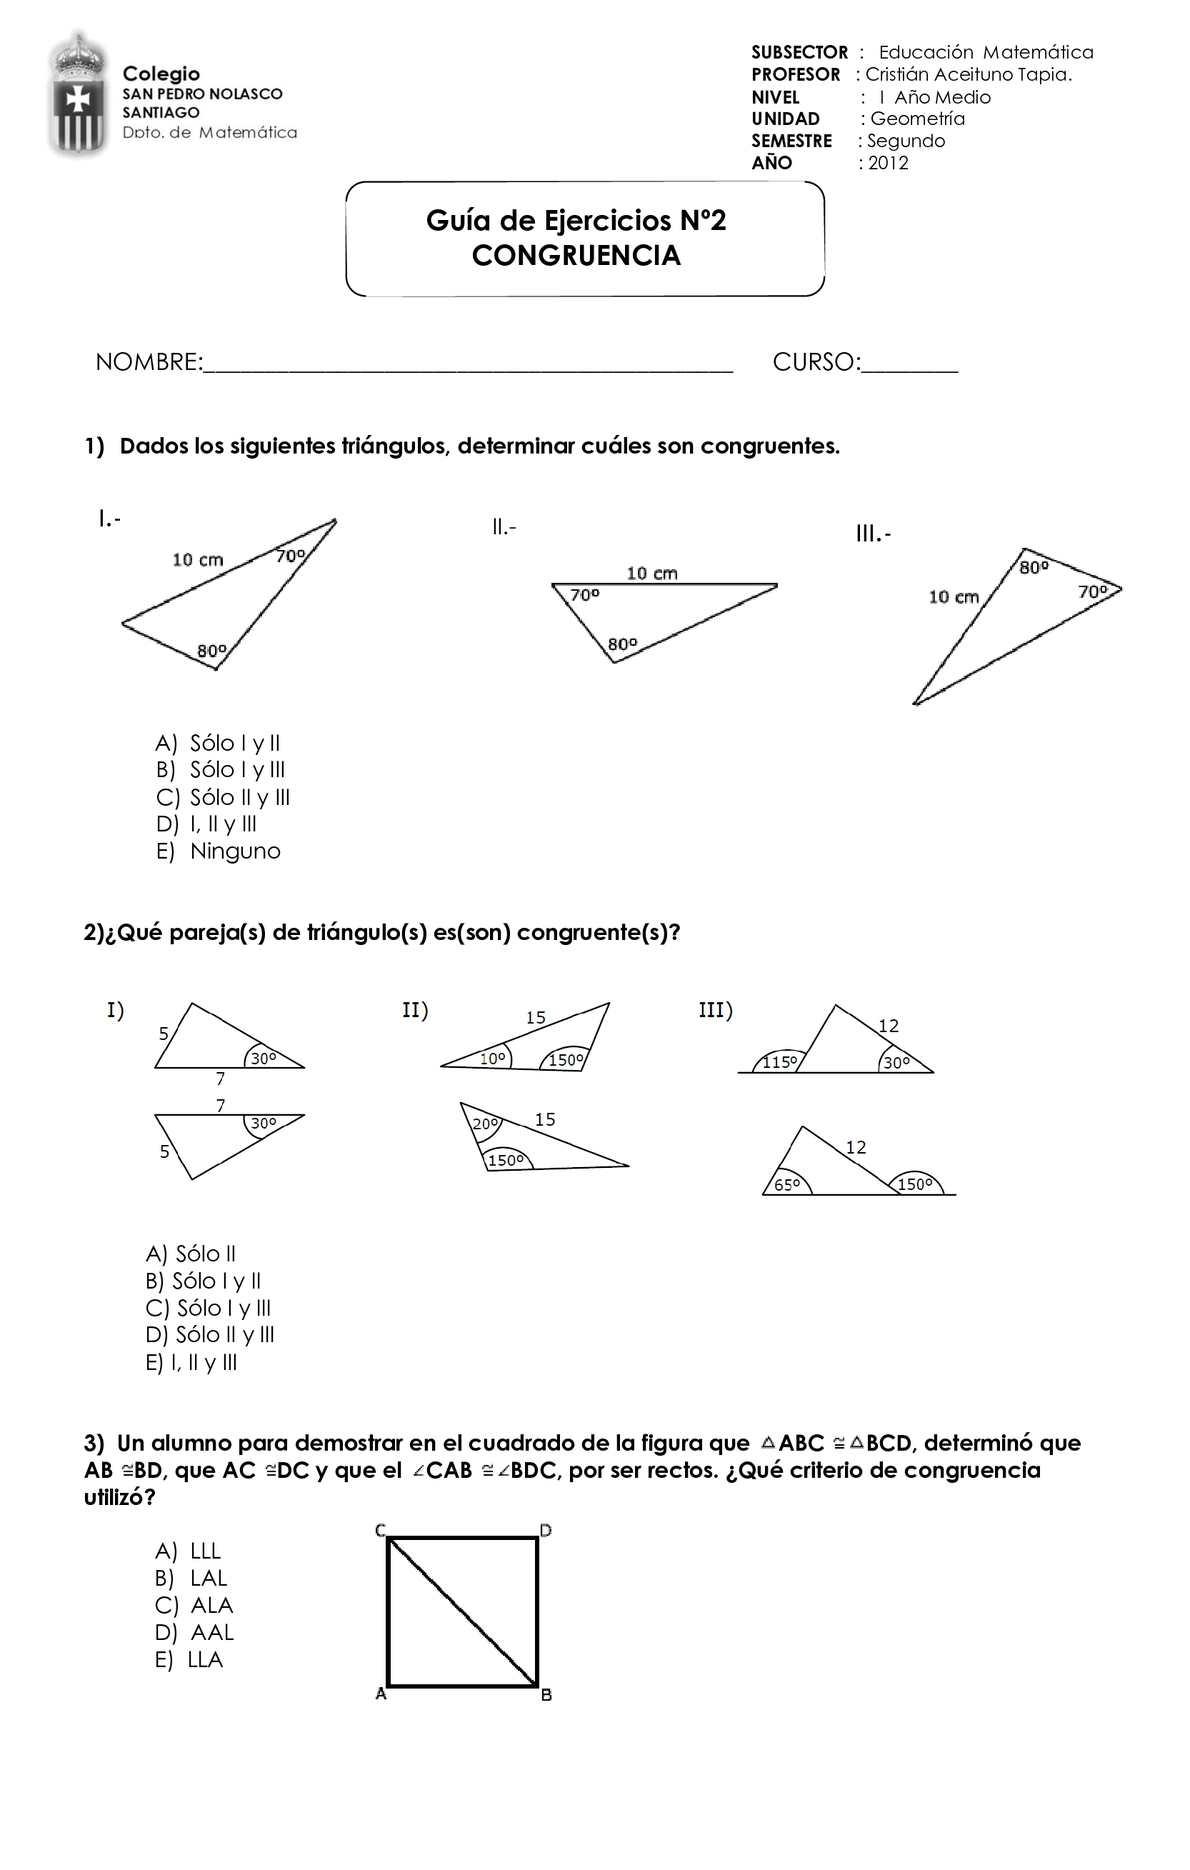 Problemas de matematica nivel medio